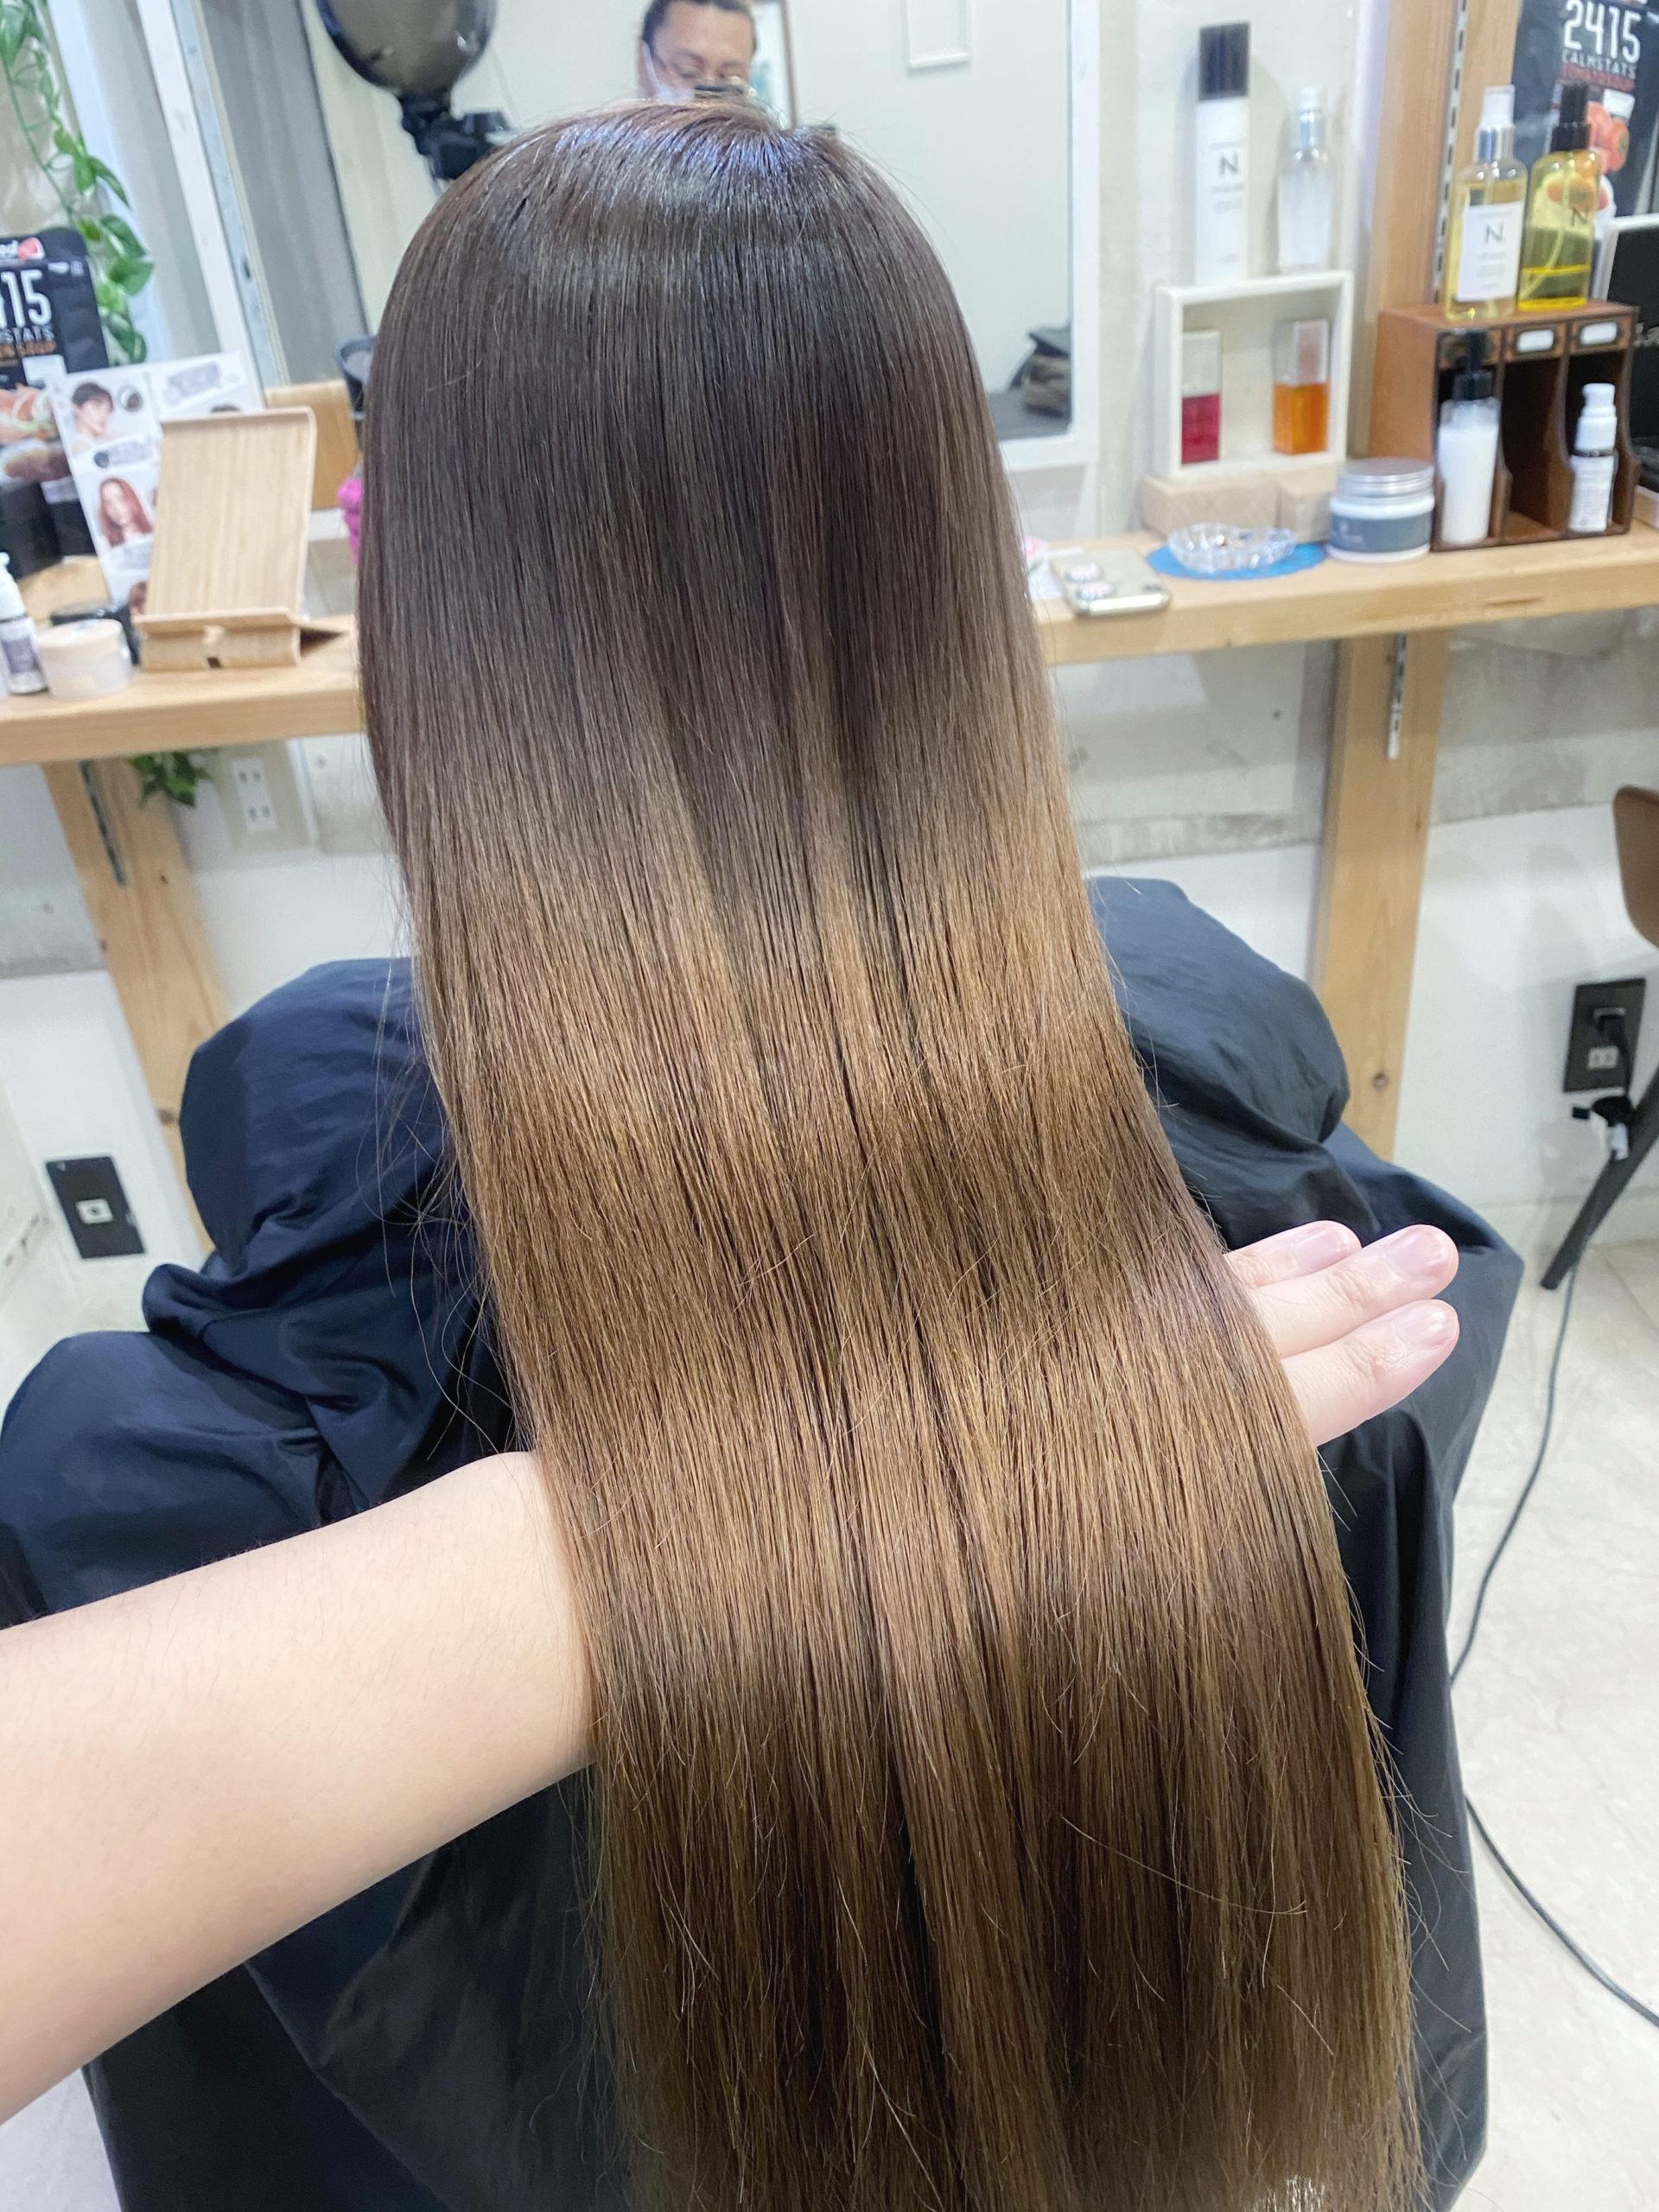 長い髪でパサつきが気になる髪を縮毛矯正でつやっつやの艶髪。原宿・表参道『髪のお悩みを解決するヘアケア美容師の挑戦』